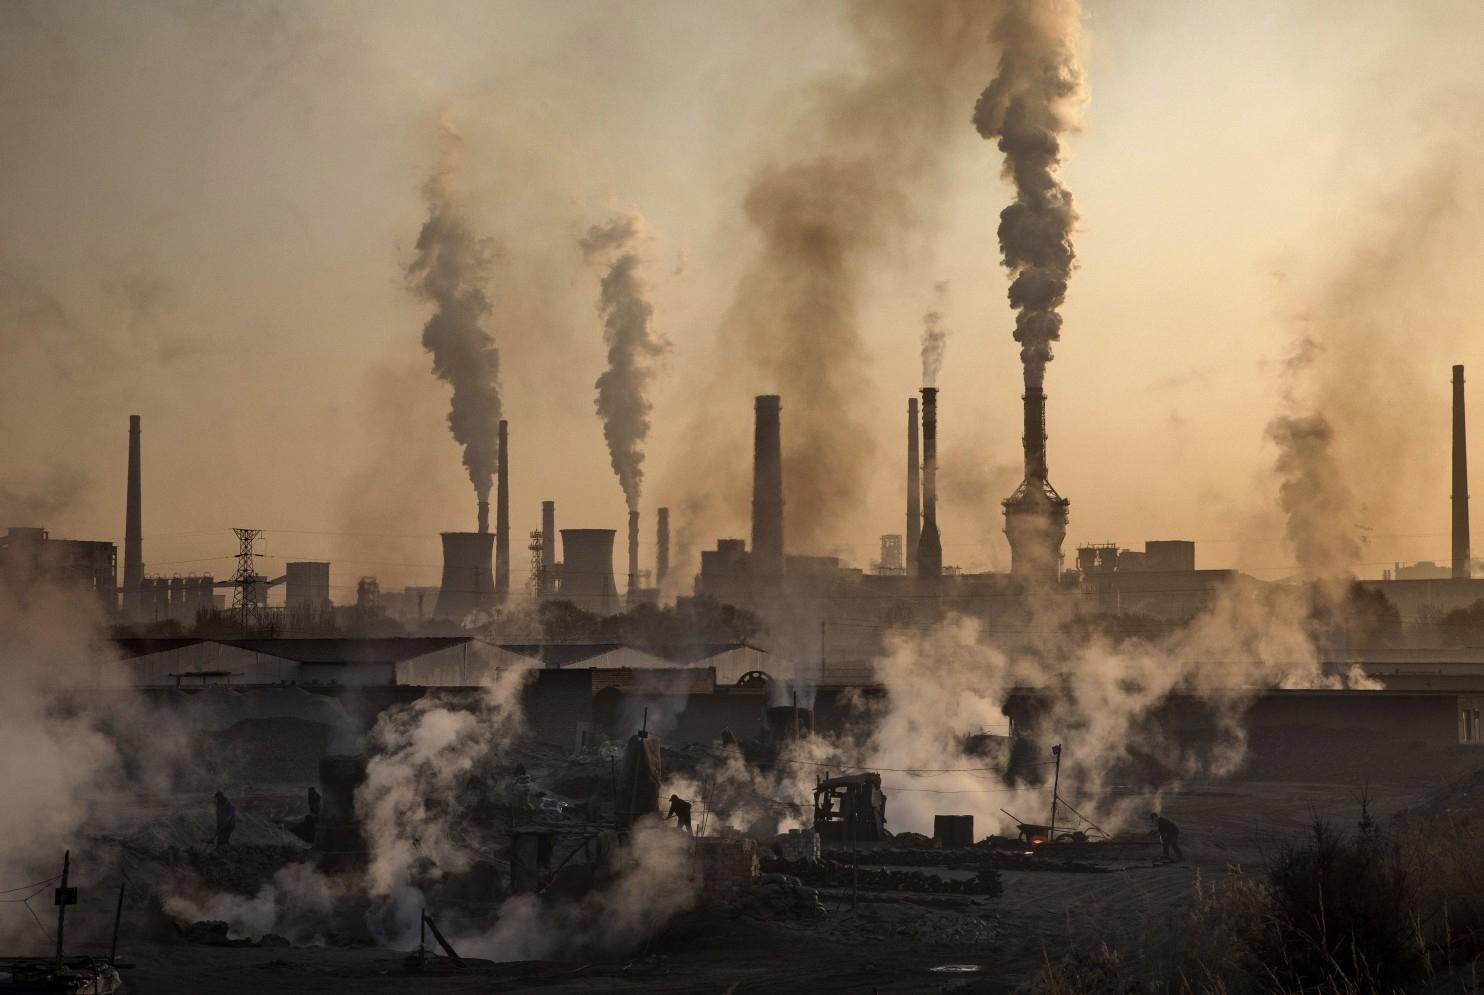 ДЧС Алматы опровергает слухи о 70-кратном превышении диоксида серы в воздухе